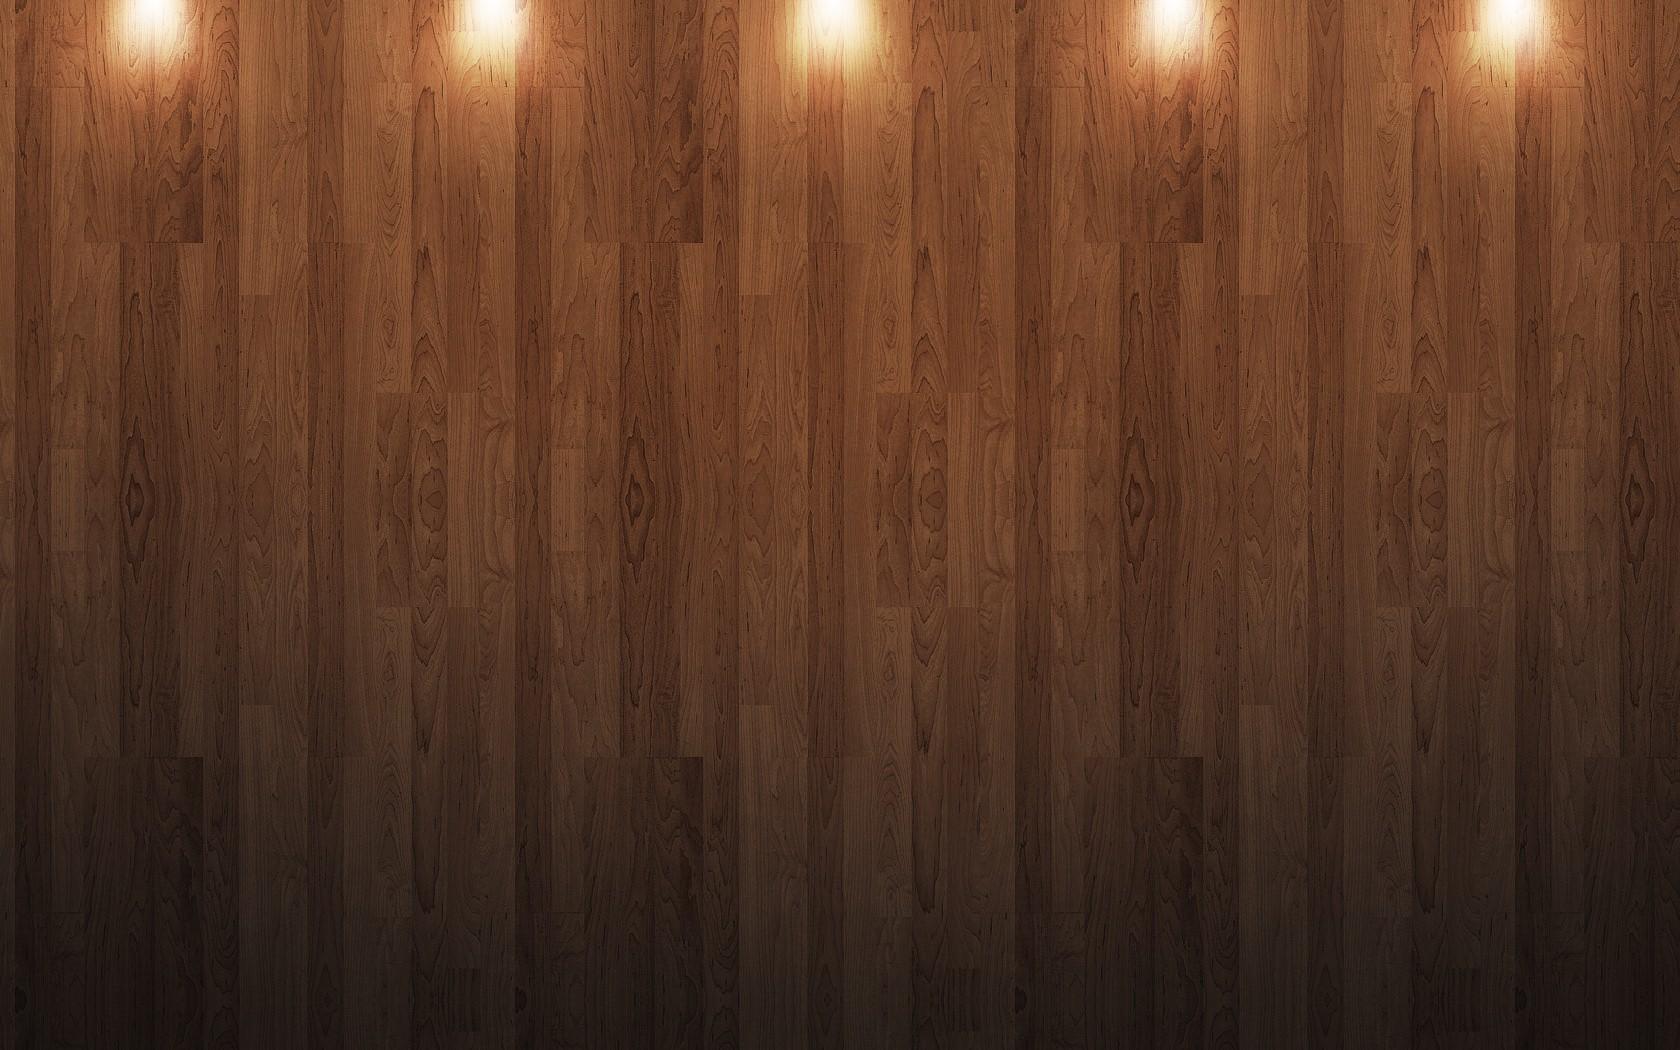 bamboo spotlights wood wall 8110 1680x1050